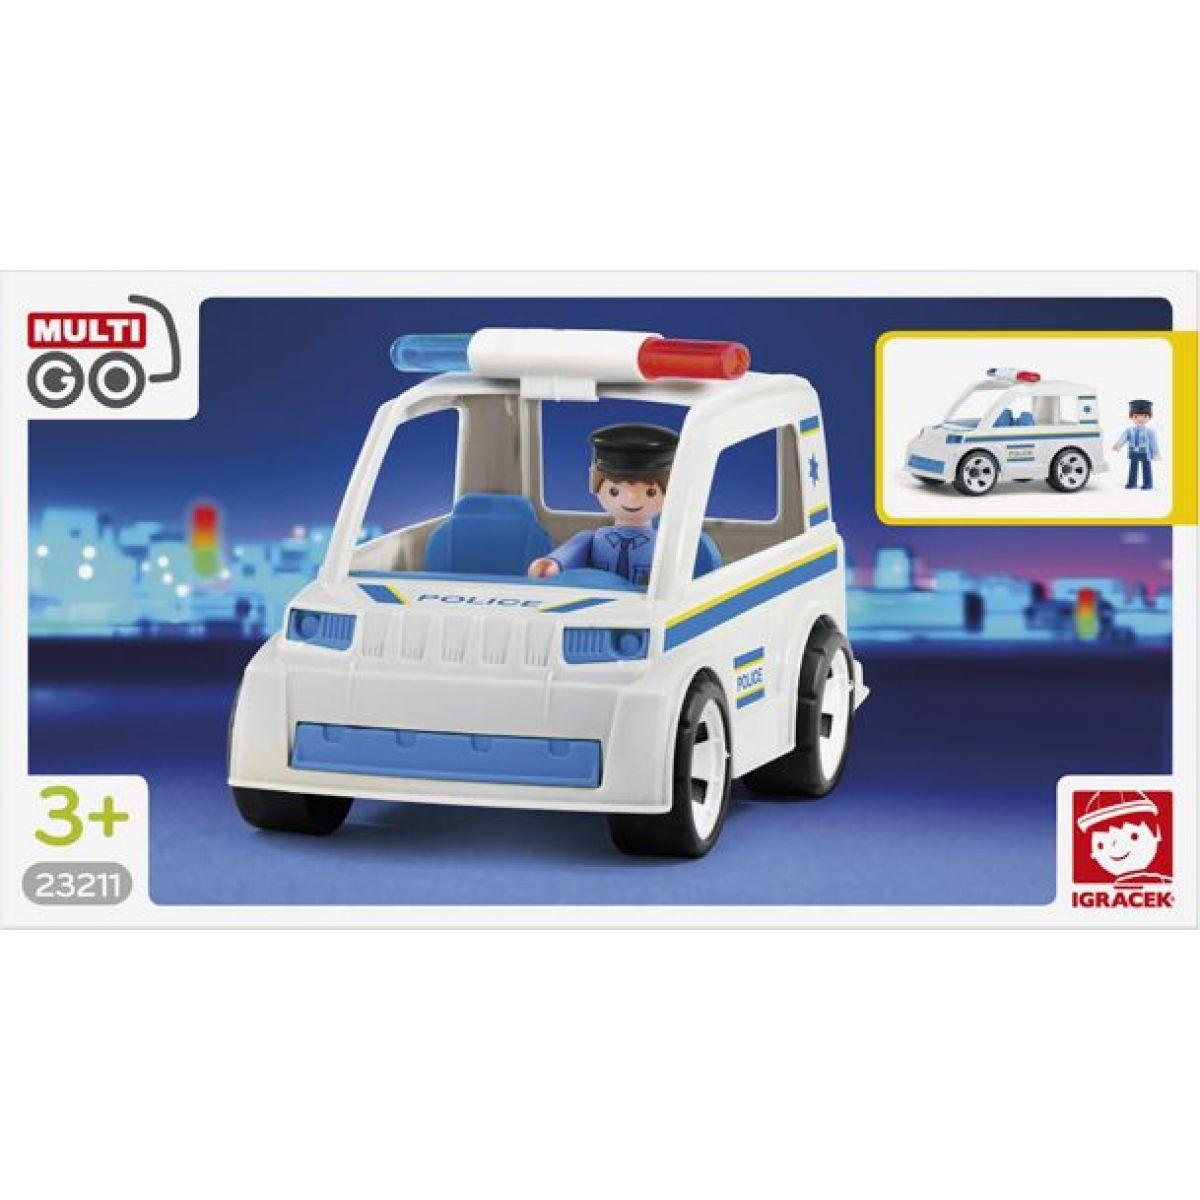 Igráček Policejní auto s policistou